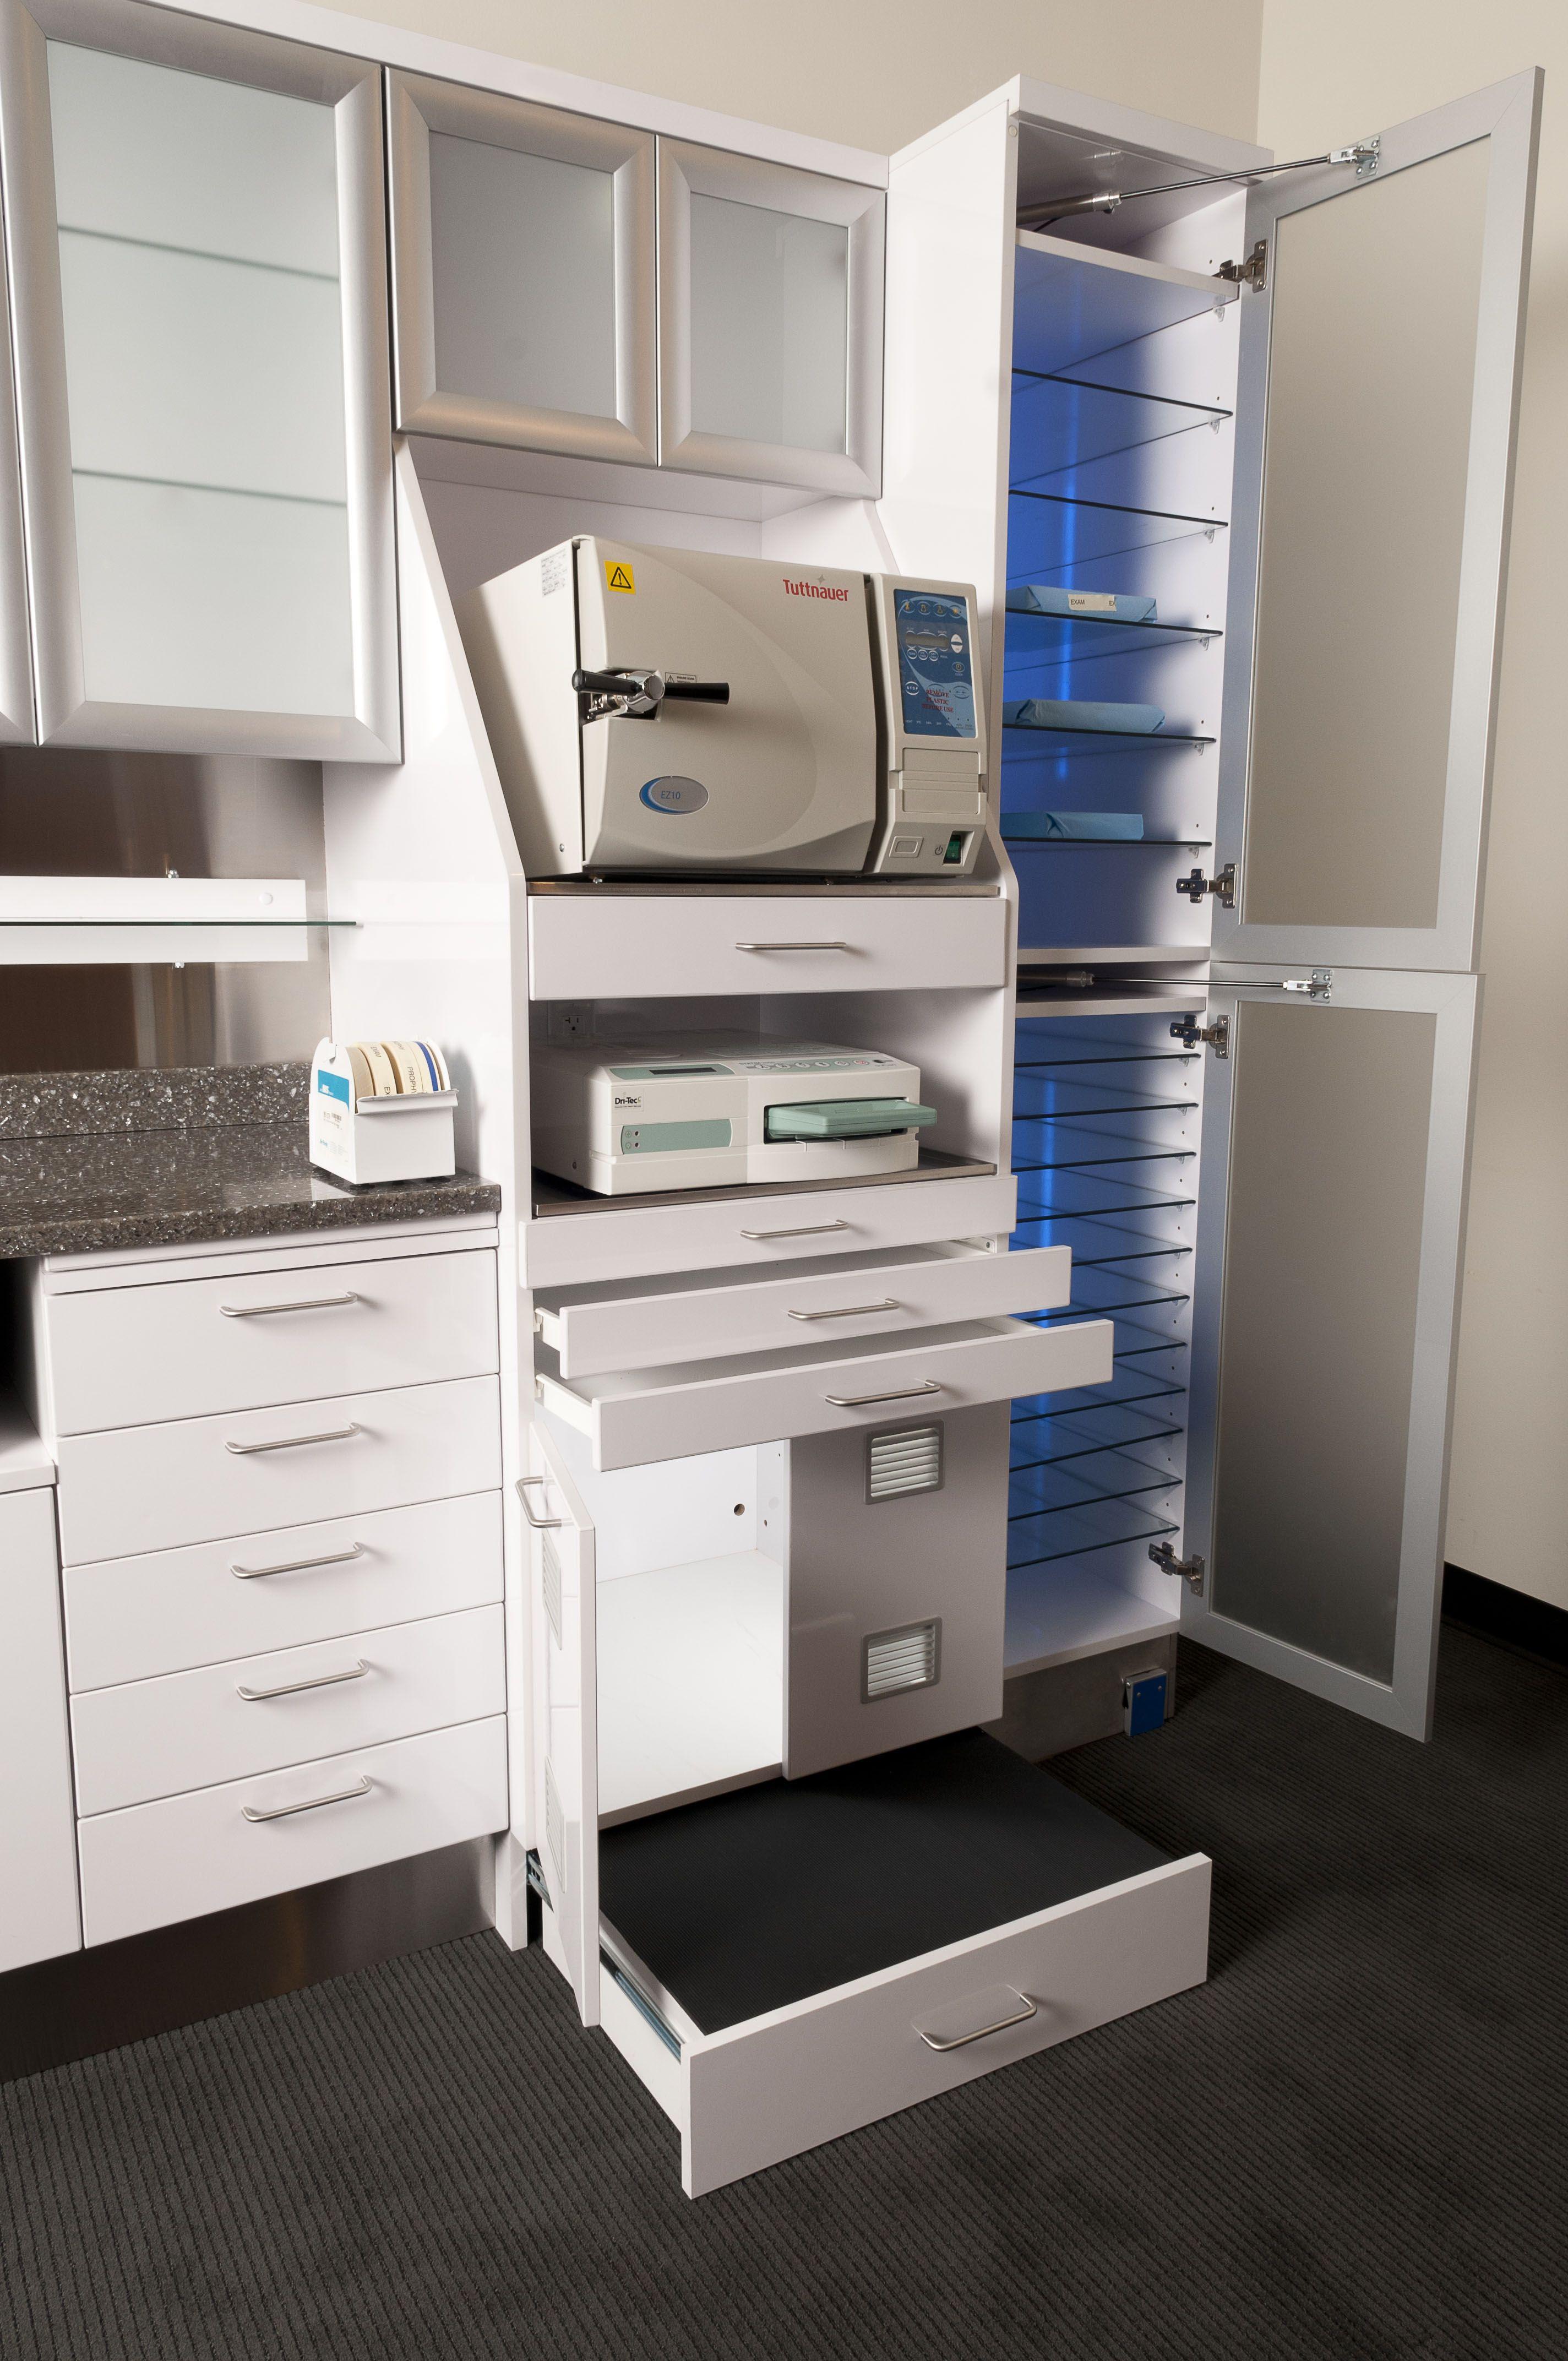 E cleanhrg orthodontic office design